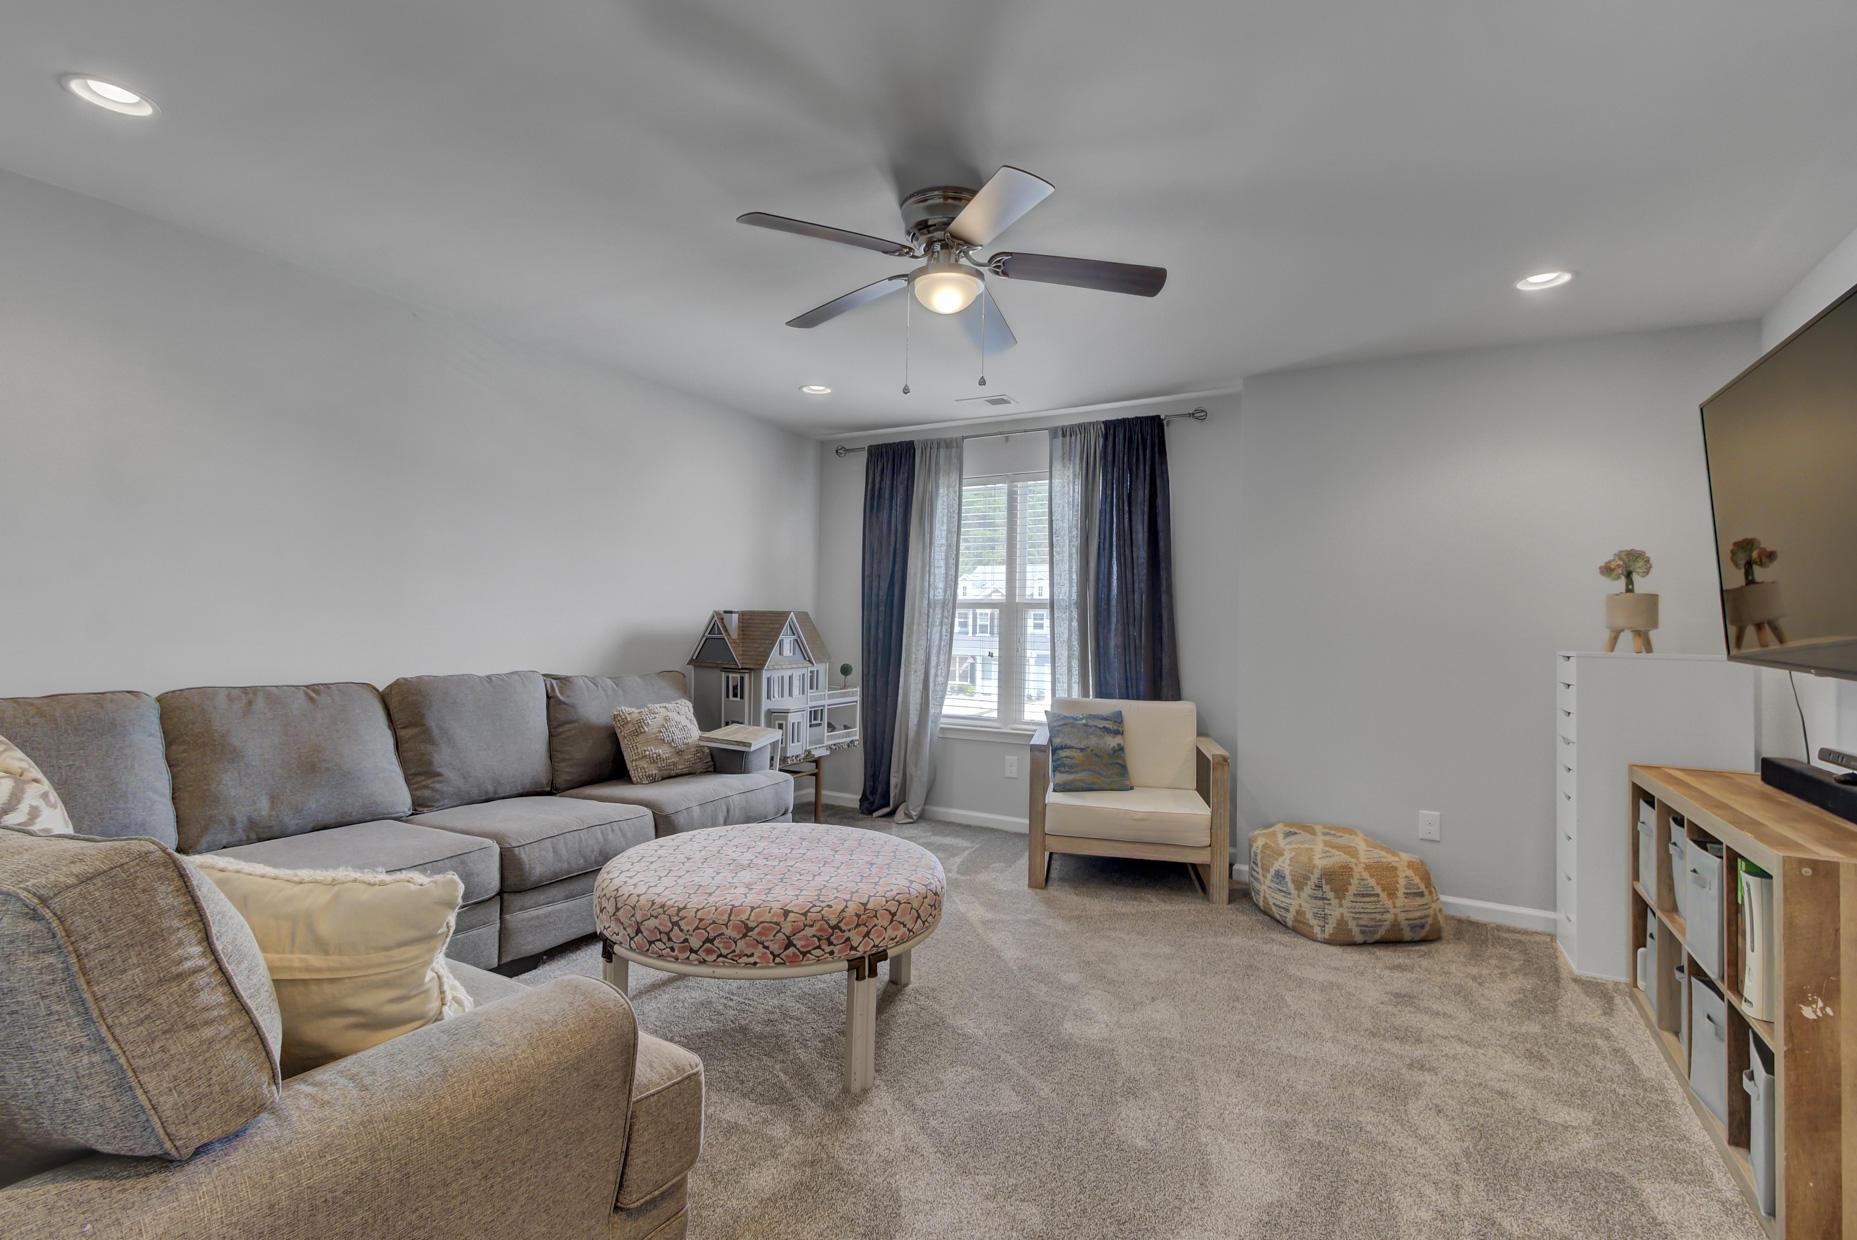 Park West Homes For Sale - 2566 Kingsfield, Mount Pleasant, SC - 41